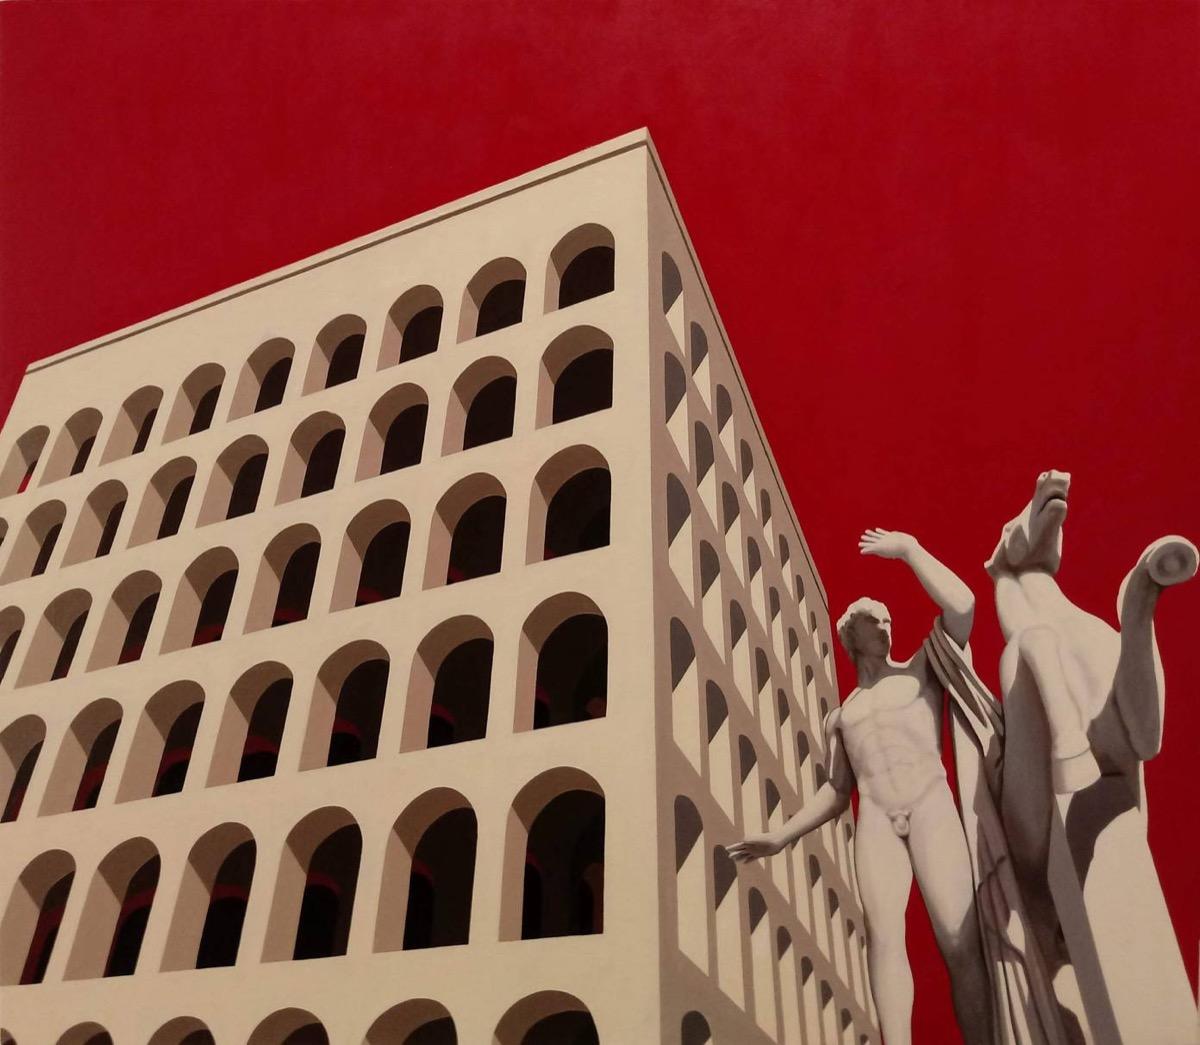 Mauro Reggio, Colosseo quadrato. Olio su tela, 60x80cm, 2019.